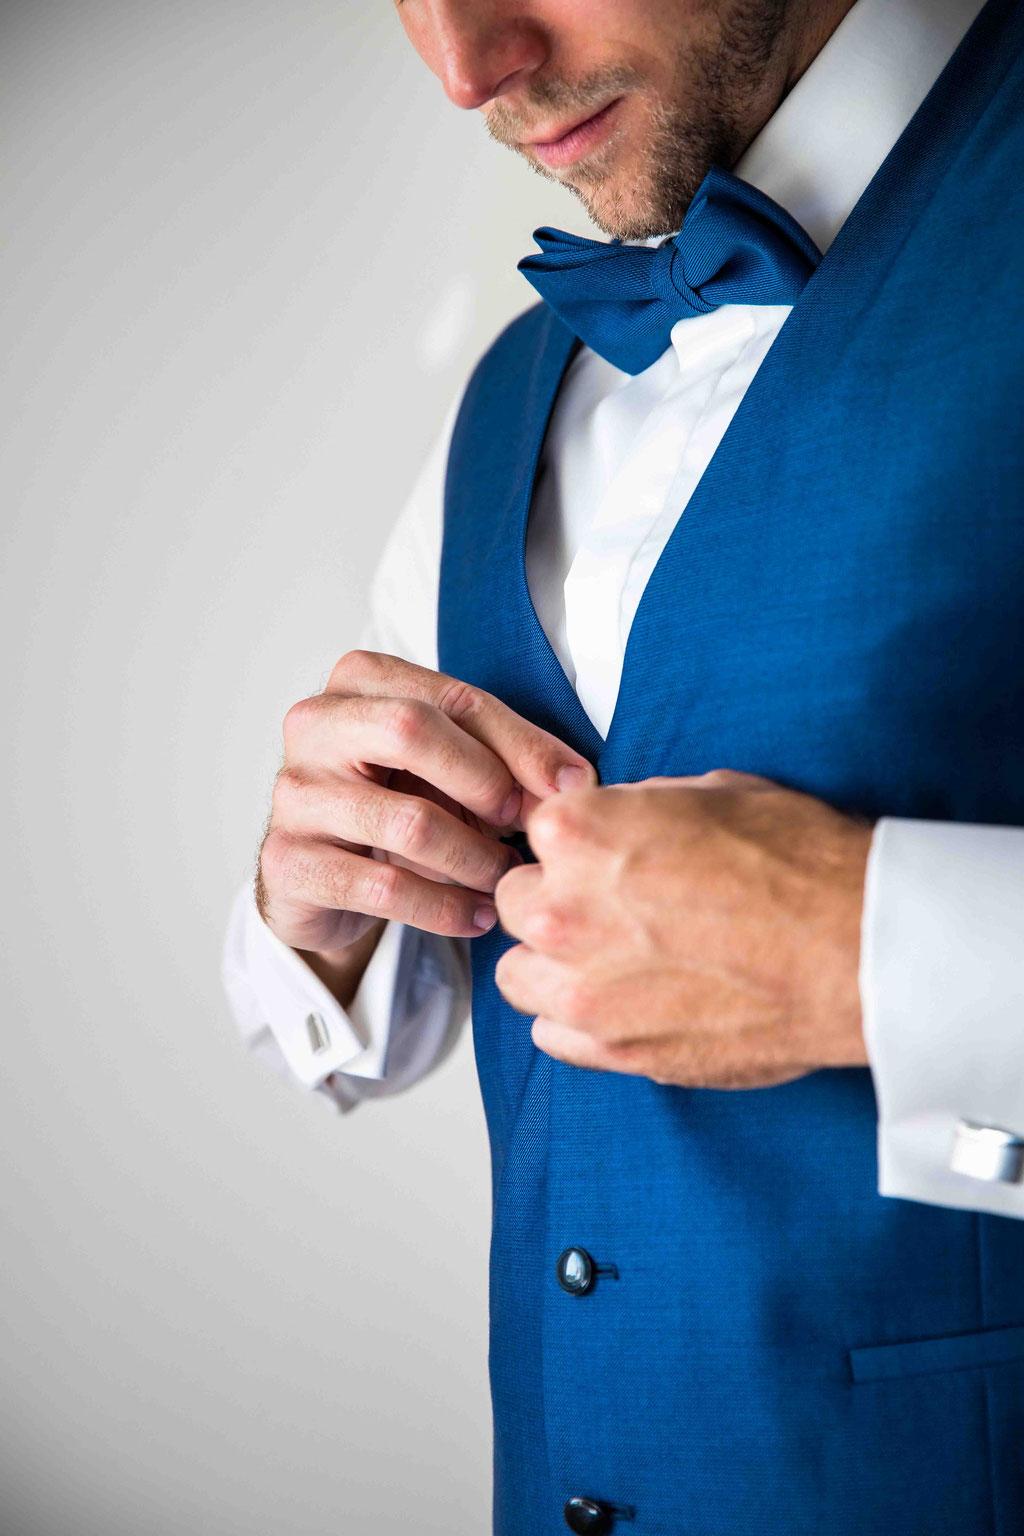 Hofgut Donnersberg, Außerhalb 3, 55578 Vendersheim, Hochzeitsfotograf, Hochzeitsbilder, Hochzeitsfoto, Getting Ready, Hochzeitskleid, Hochzeitsstrauß, Styling des Bräutigams